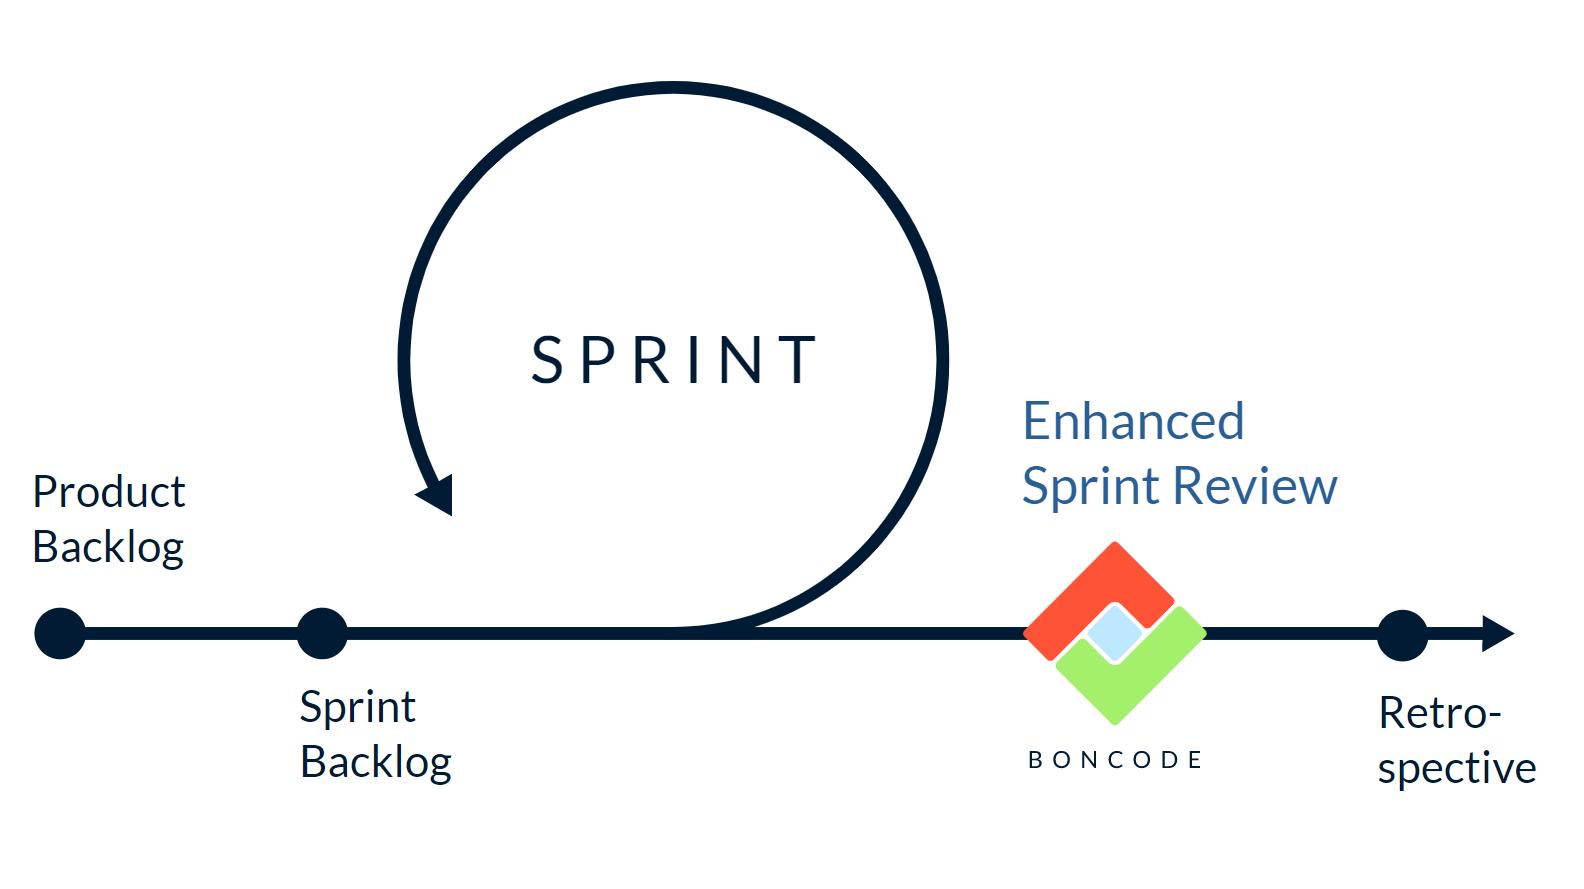 the boncode enhanced sprint review